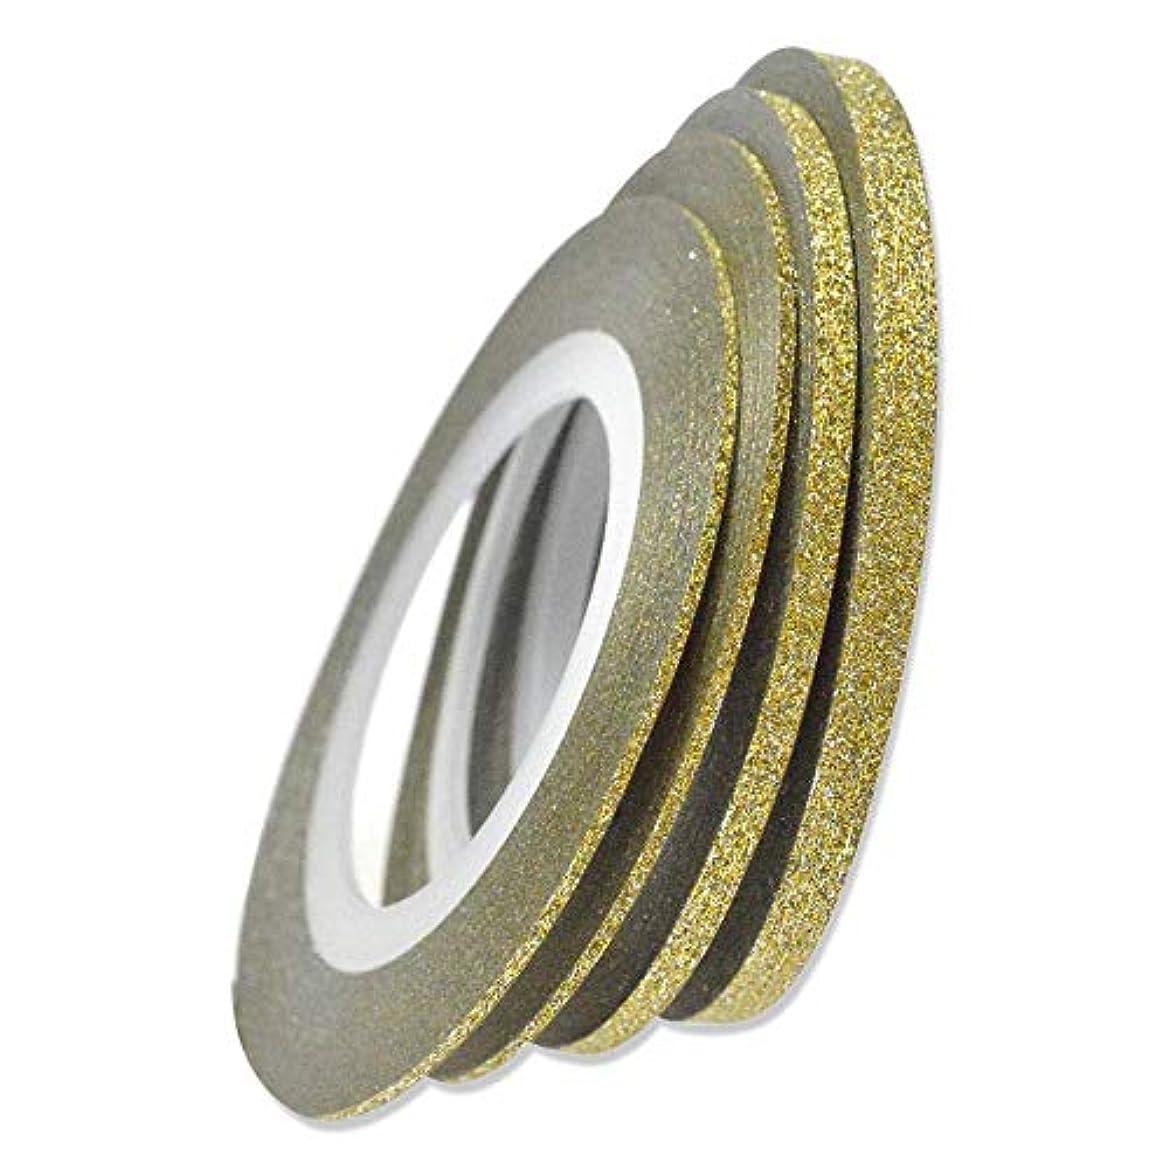 スクリュー餌ゴネリルSUKTI&XIAO ネイルステッカー 1ロールネイルアートキラキラストライピングテープラインレーザーシャイニングゴールド/シルバー1/2 / 3Mm新しいネイル転写箔ステッカー、3Mmゴールド